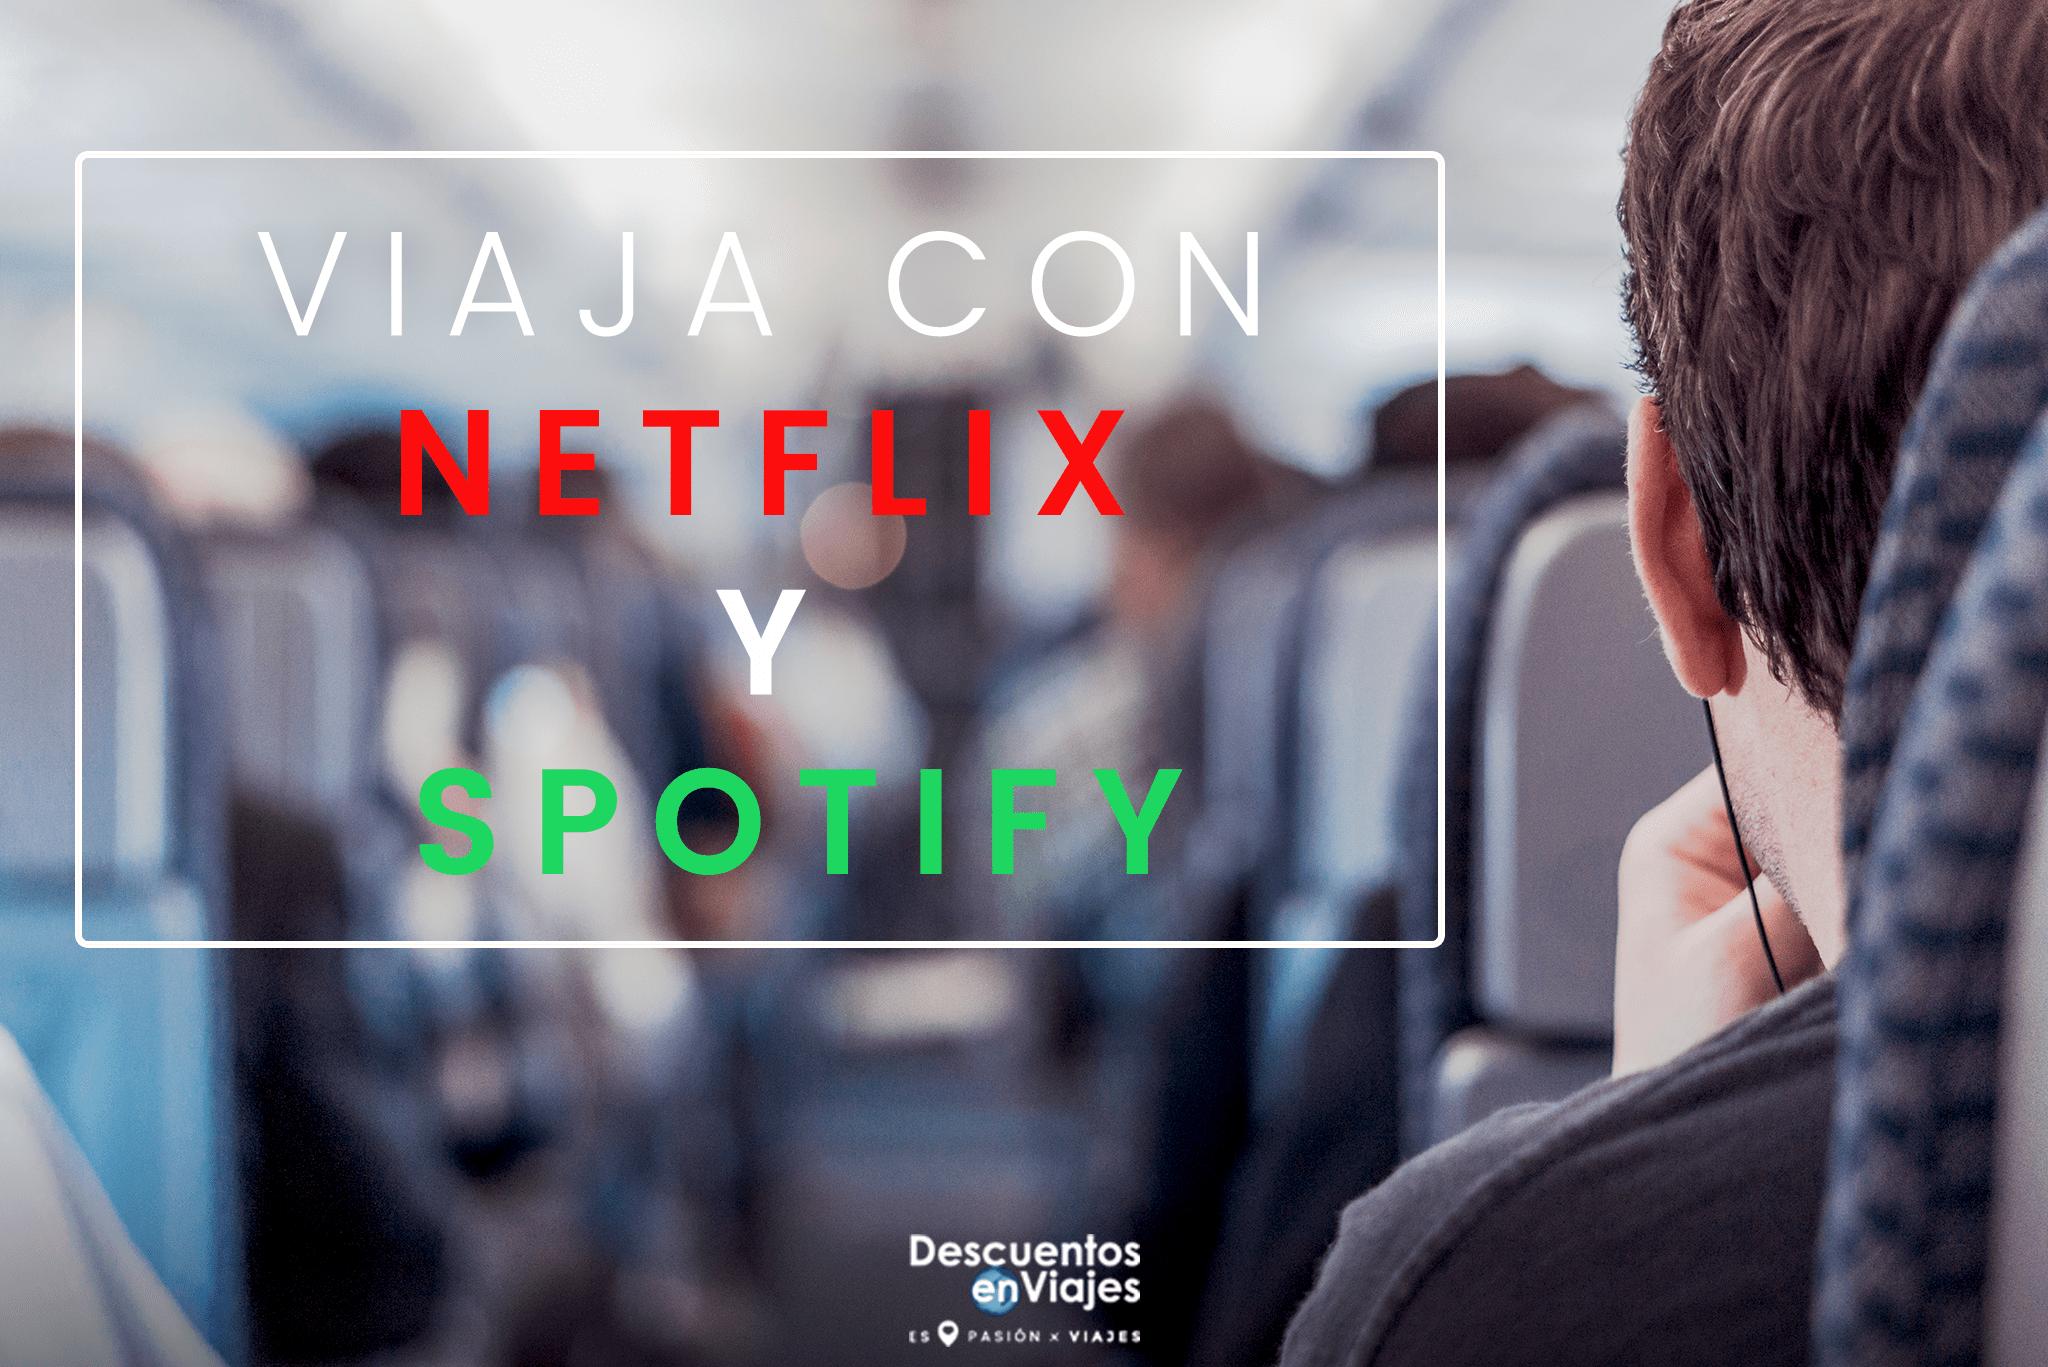 Netflix y Spotify viajan contigo